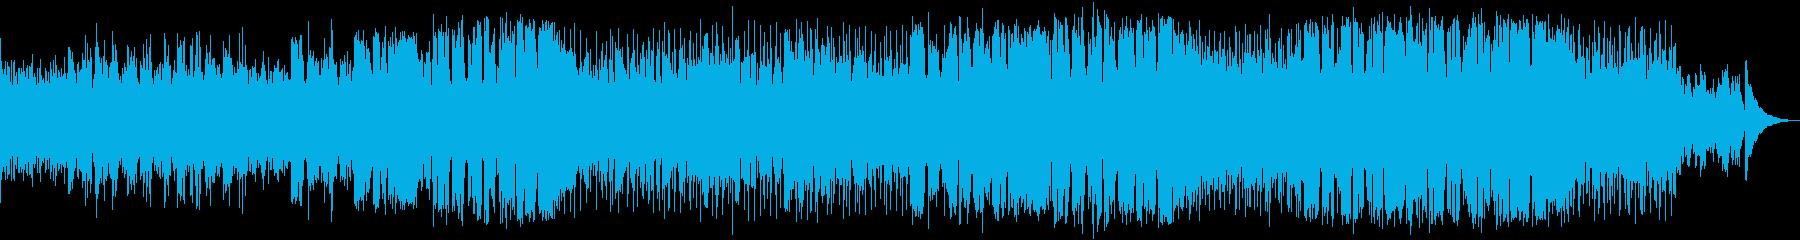 柔らかな雰囲気のポップスの再生済みの波形